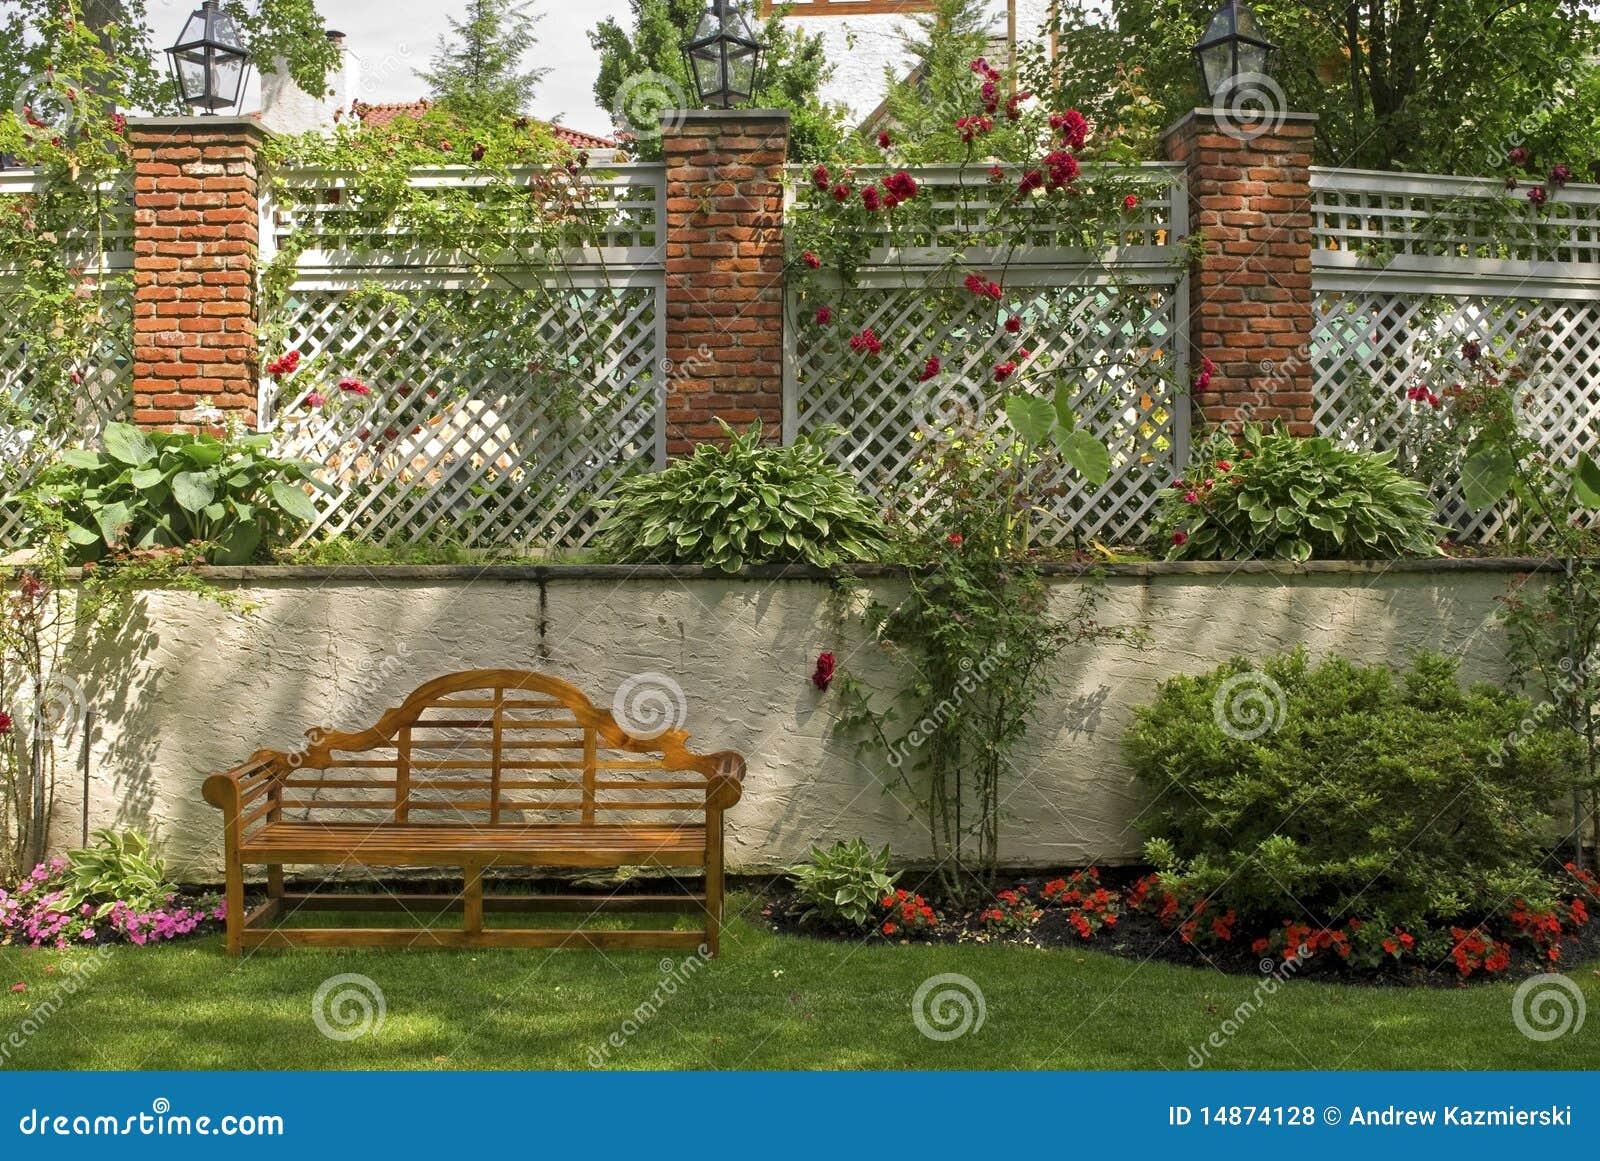 Nice Garden Trellis